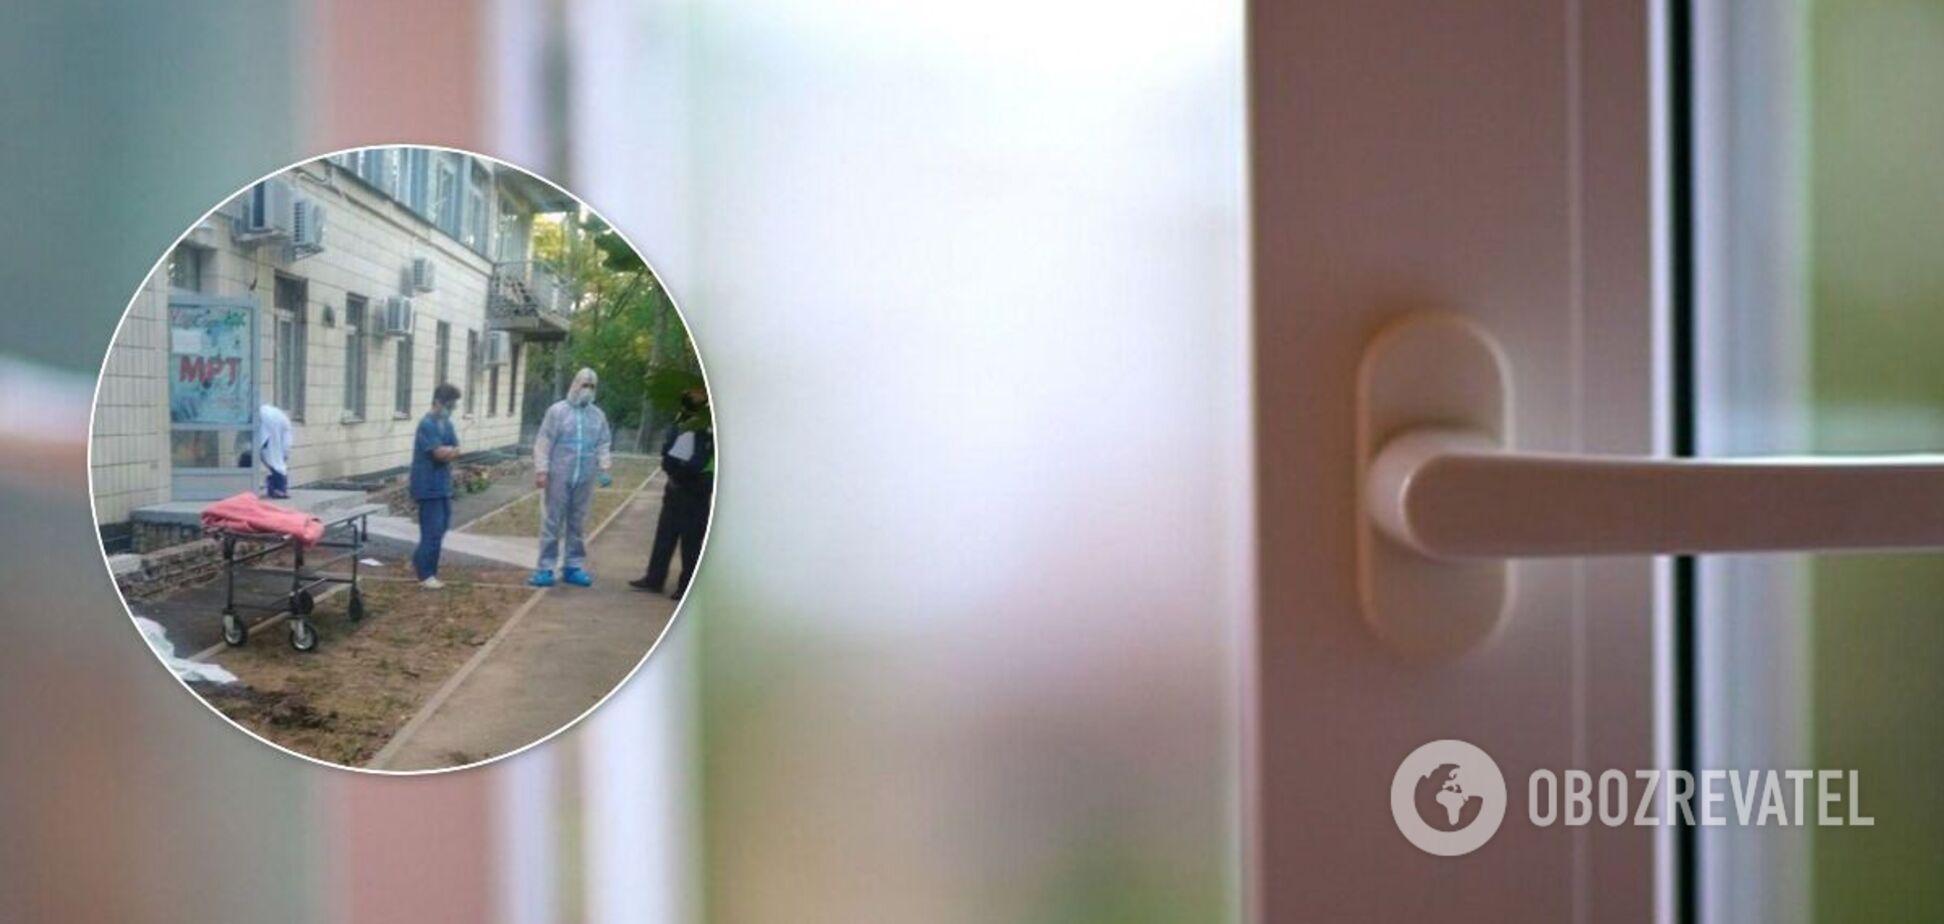 У Києві з вікна лікарні для хворих на COVID-19 вистрибнули два чоловіка. Фото 18+